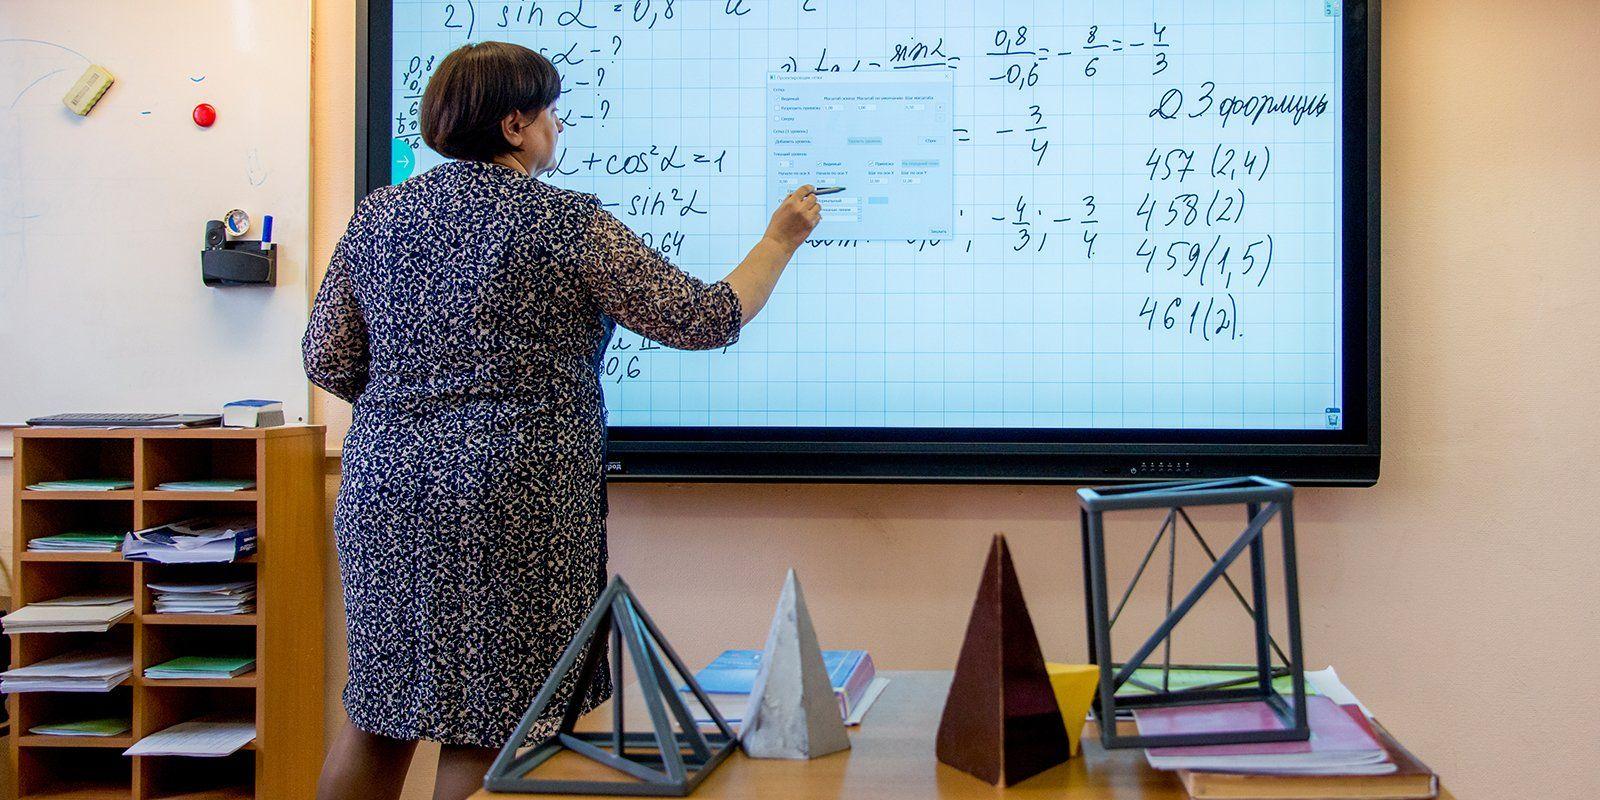 Все работники системы образования в Москве прошли тестирование на COVID-19